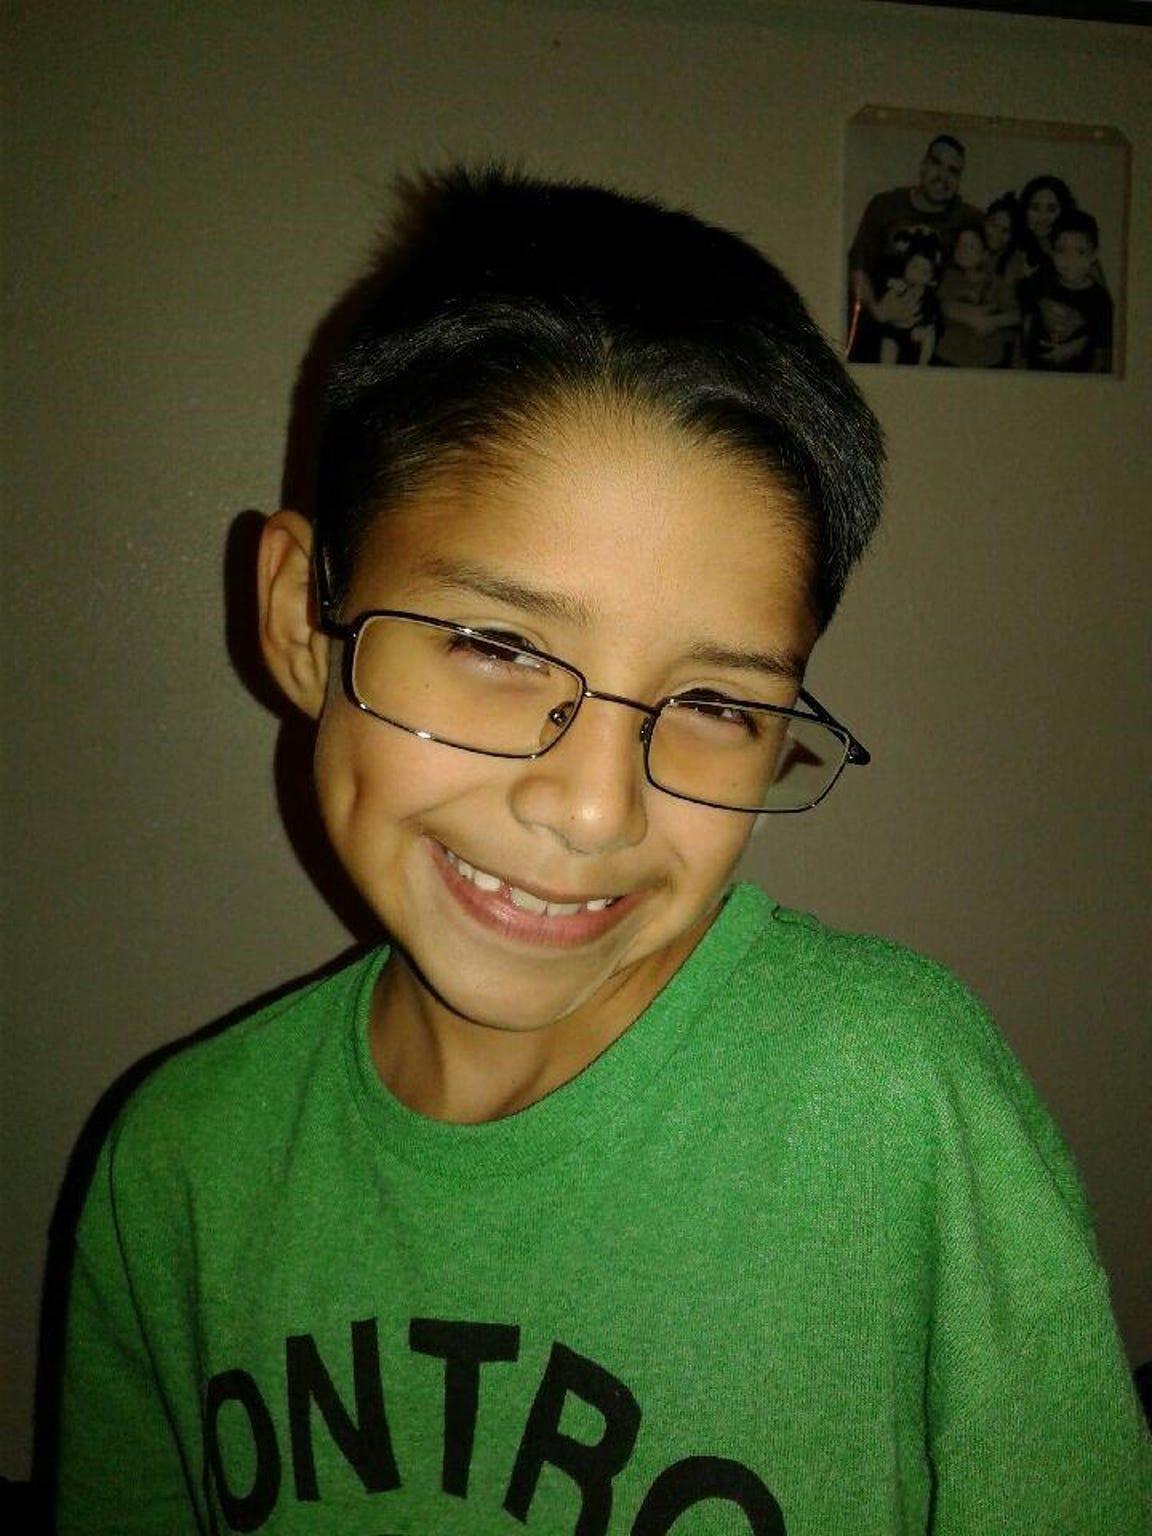 Isaac, Jr. smiling at home.